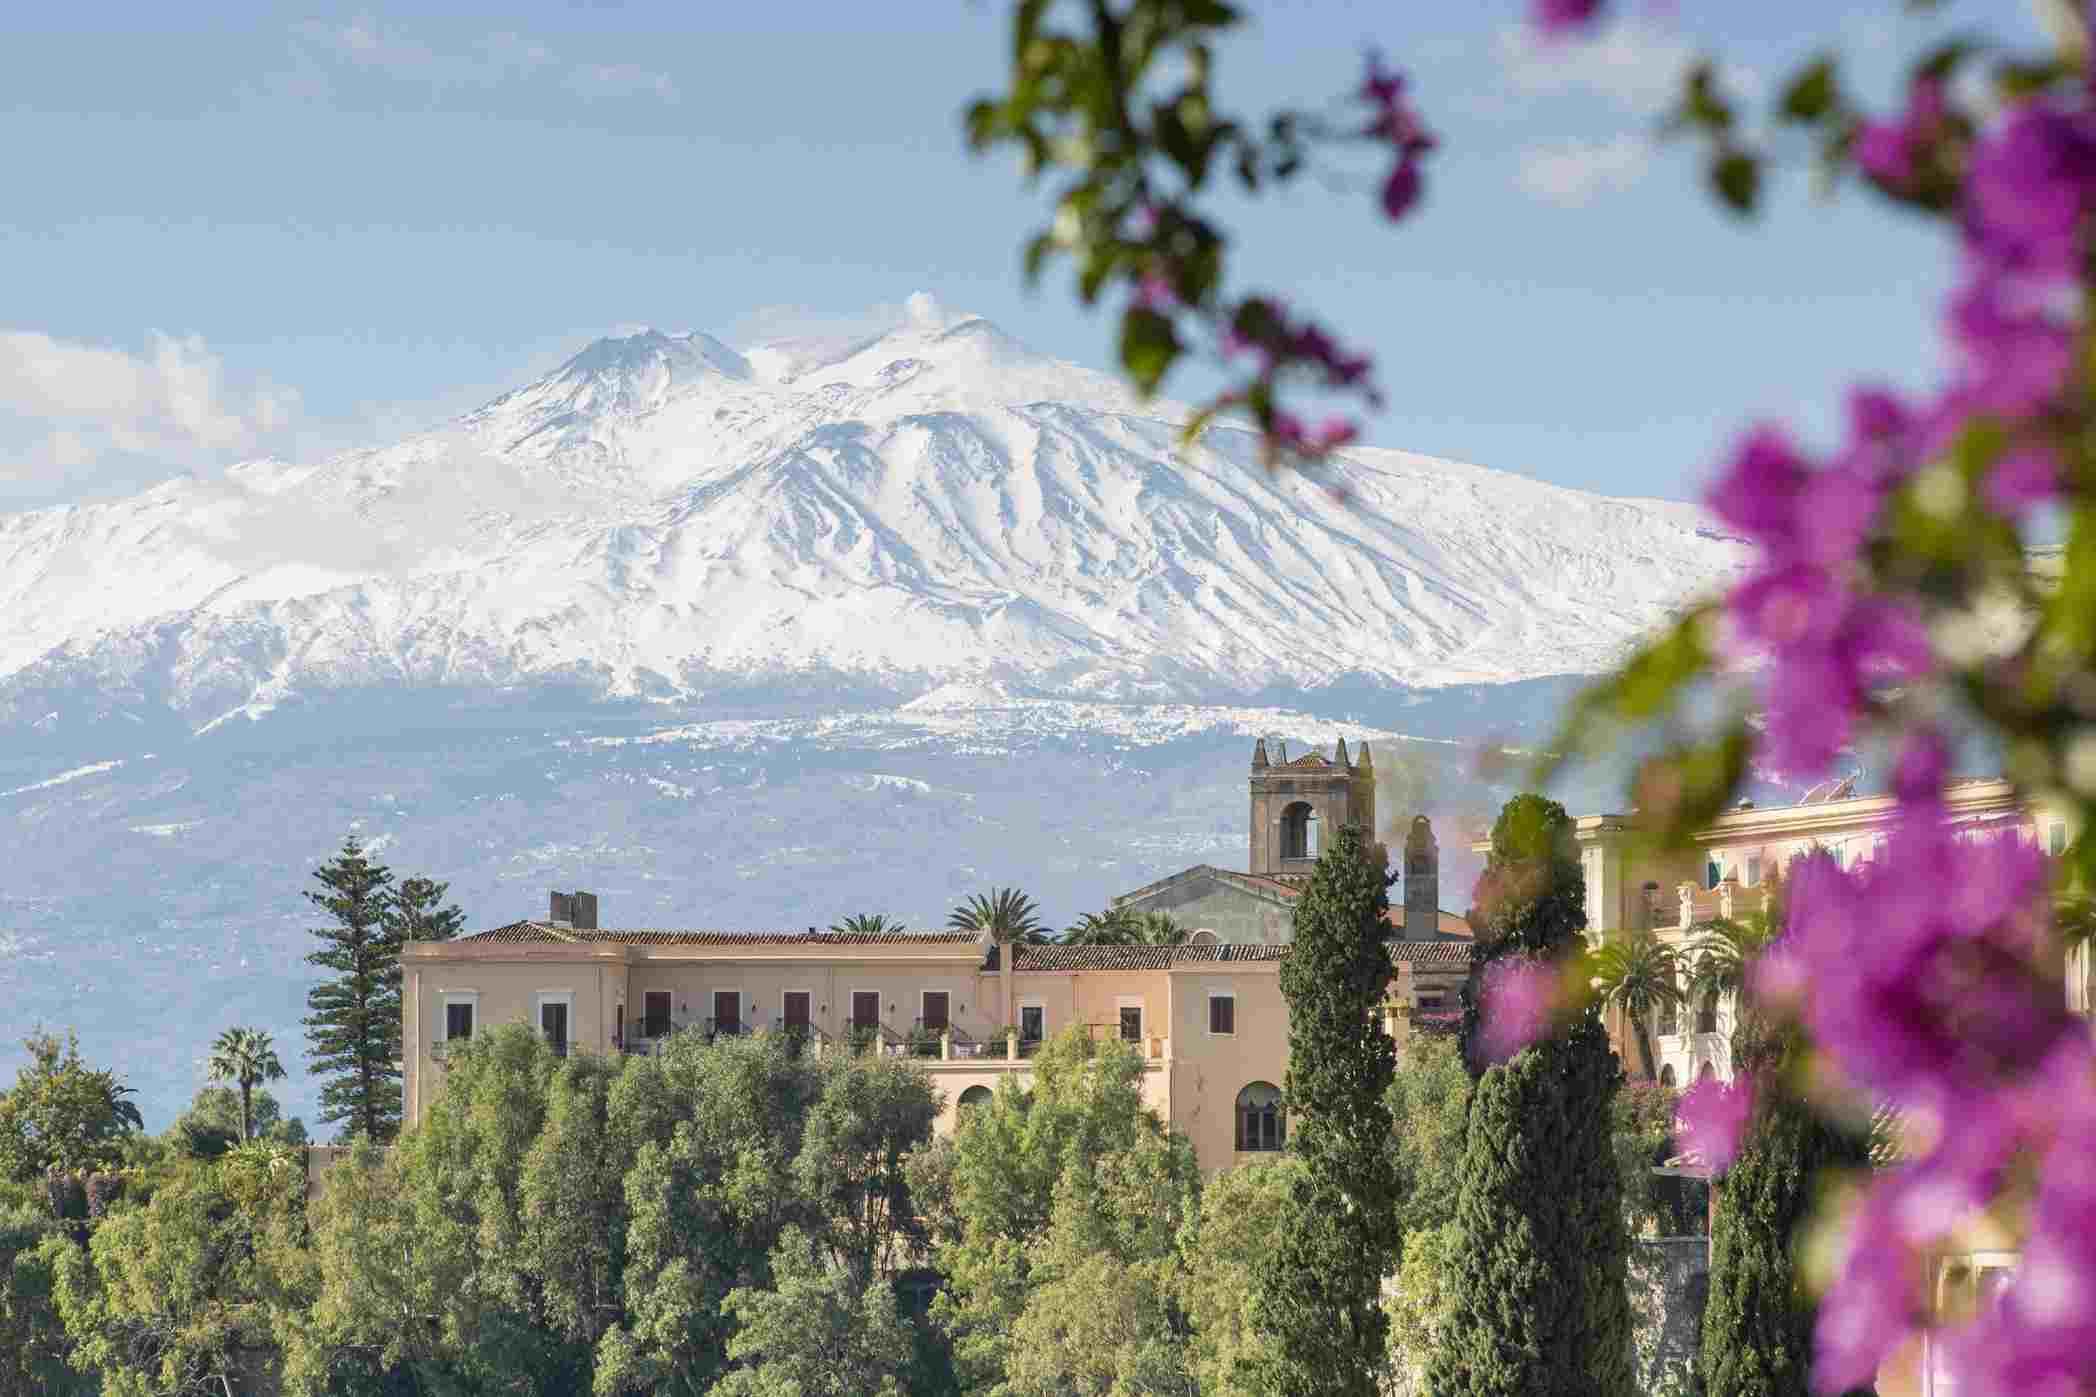 Floraison des amandiers en Sicile 3